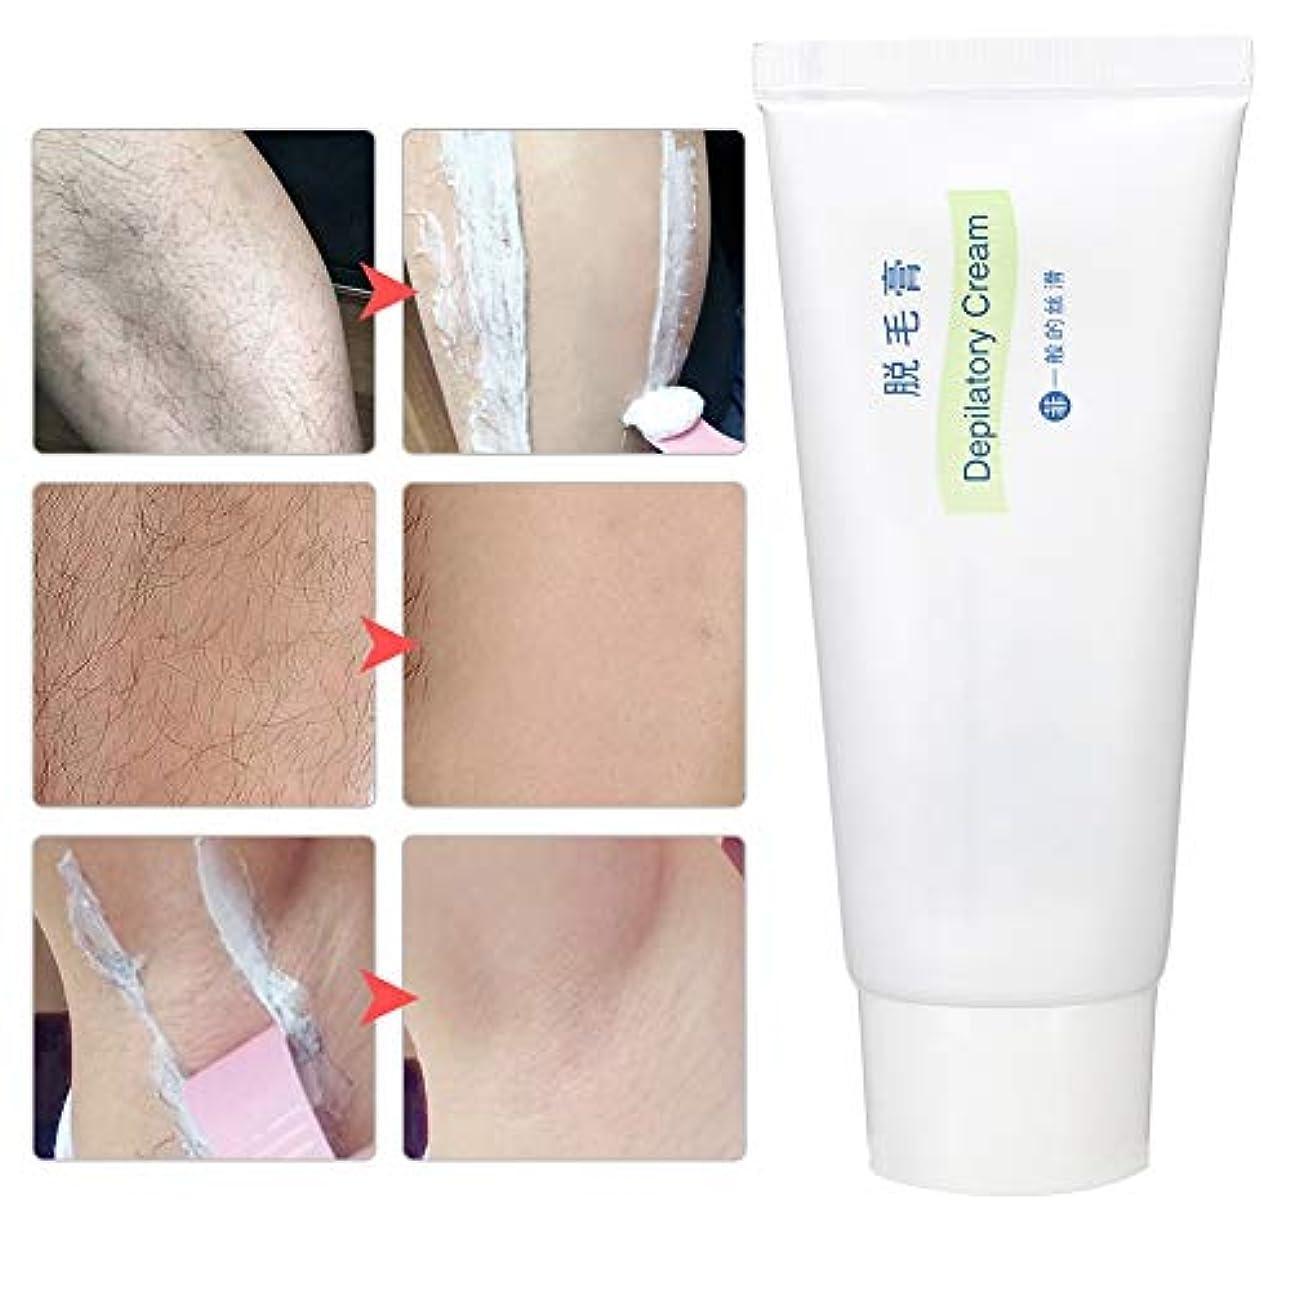 定義逆ソブリケット60g脱毛クリーム、穏やかで痛みのない脱毛クリーム、ボディ脇の下の脚のビキニエリアの皮膚脱毛剤シンプルで高速。